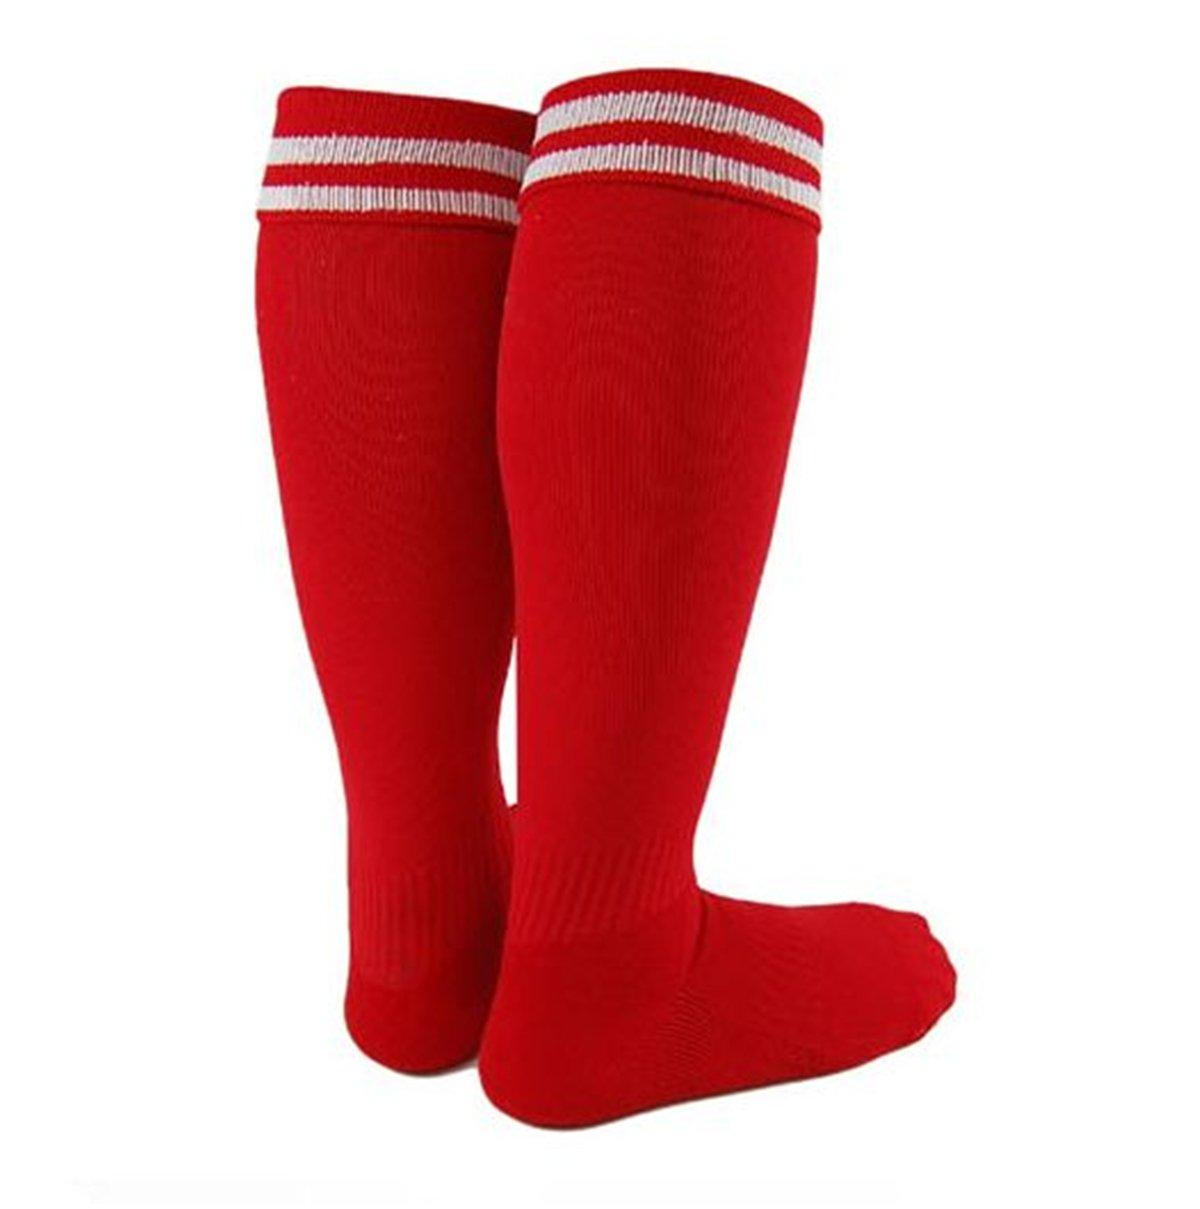 Lian LifeStyle Girl's 1 Pair Knee High Sports Socks for Baseball/Soccer/Football